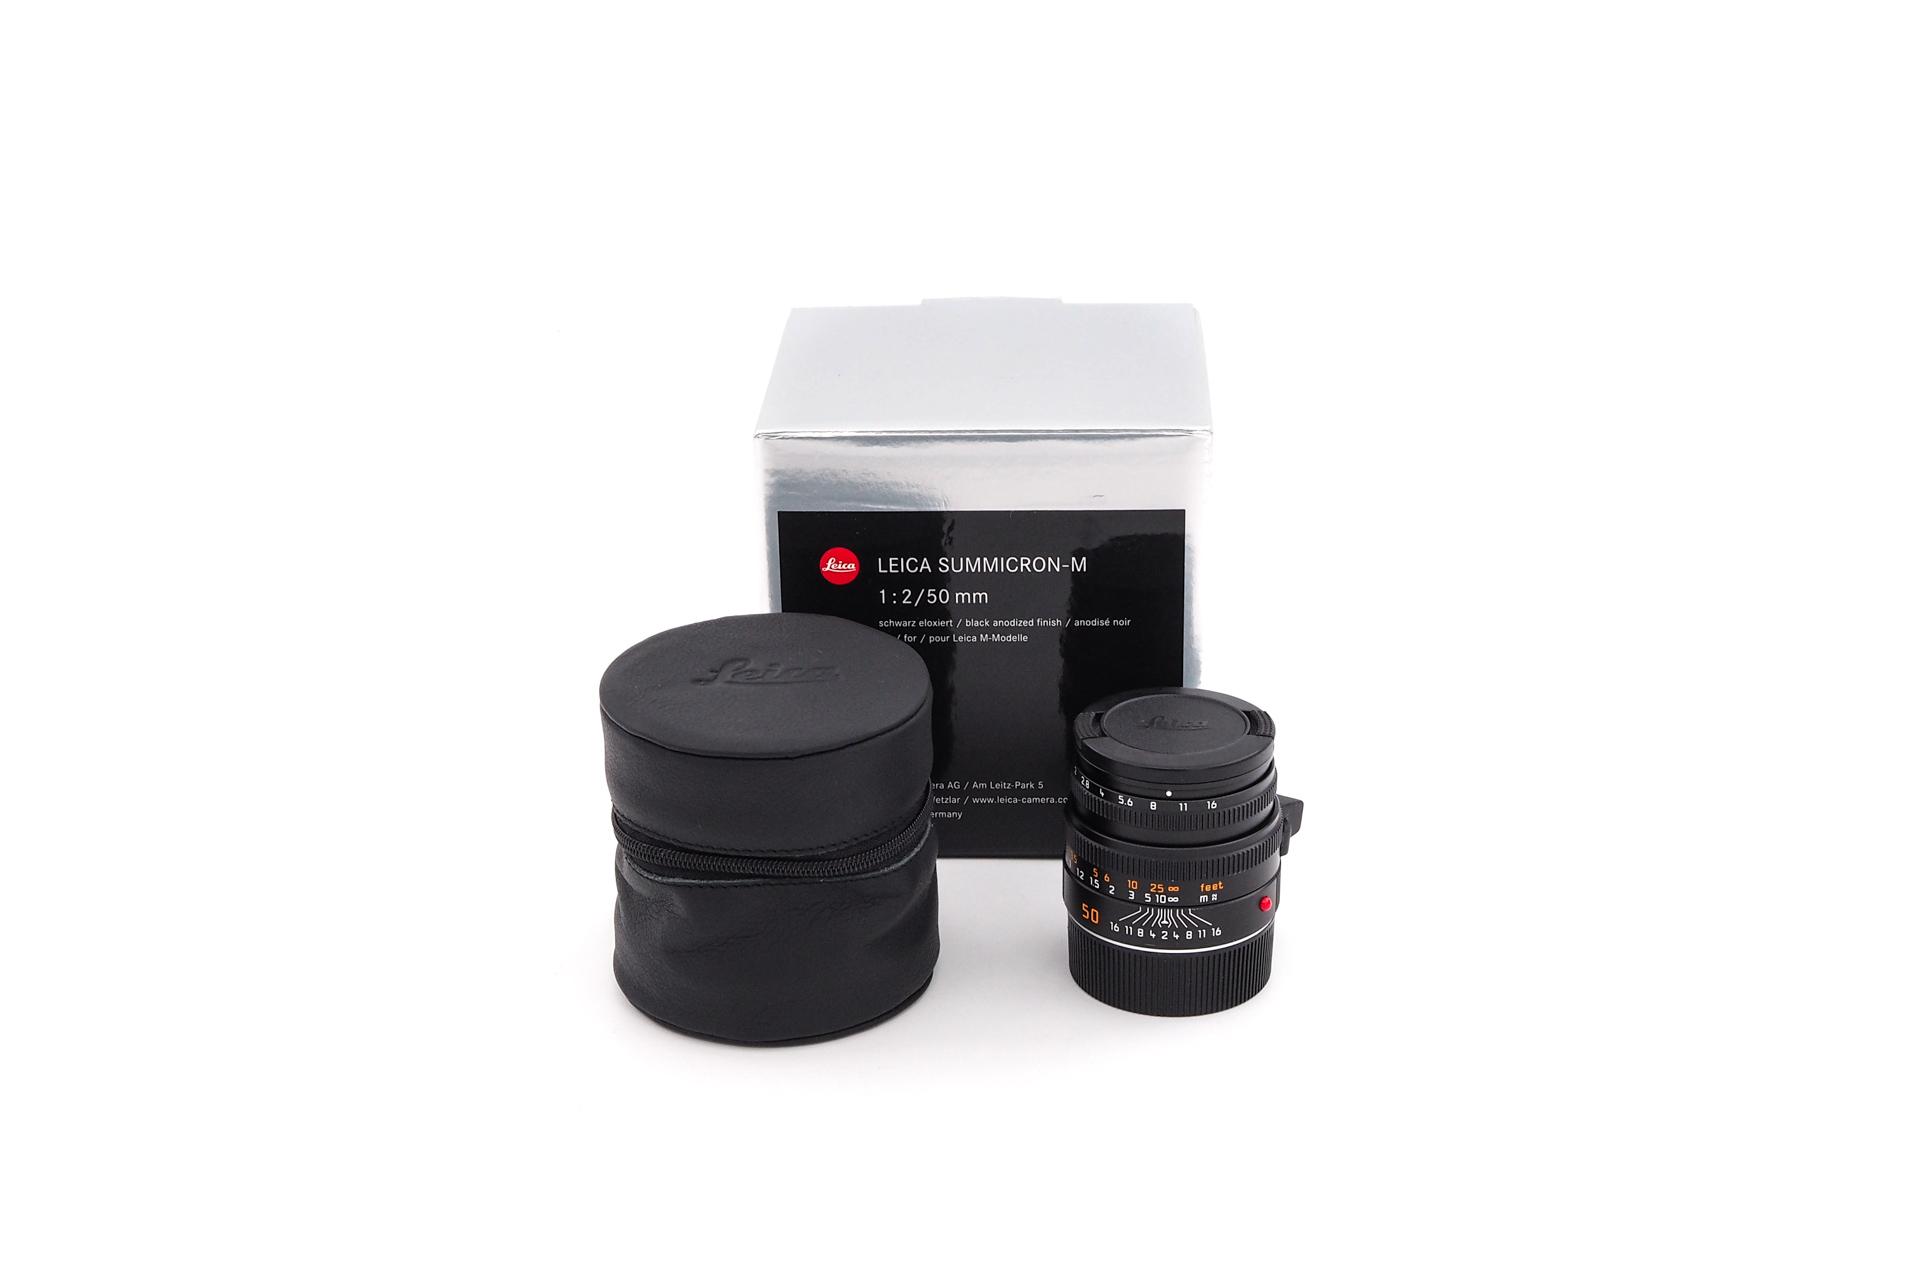 Leica Summicron-M 1:2/50mm